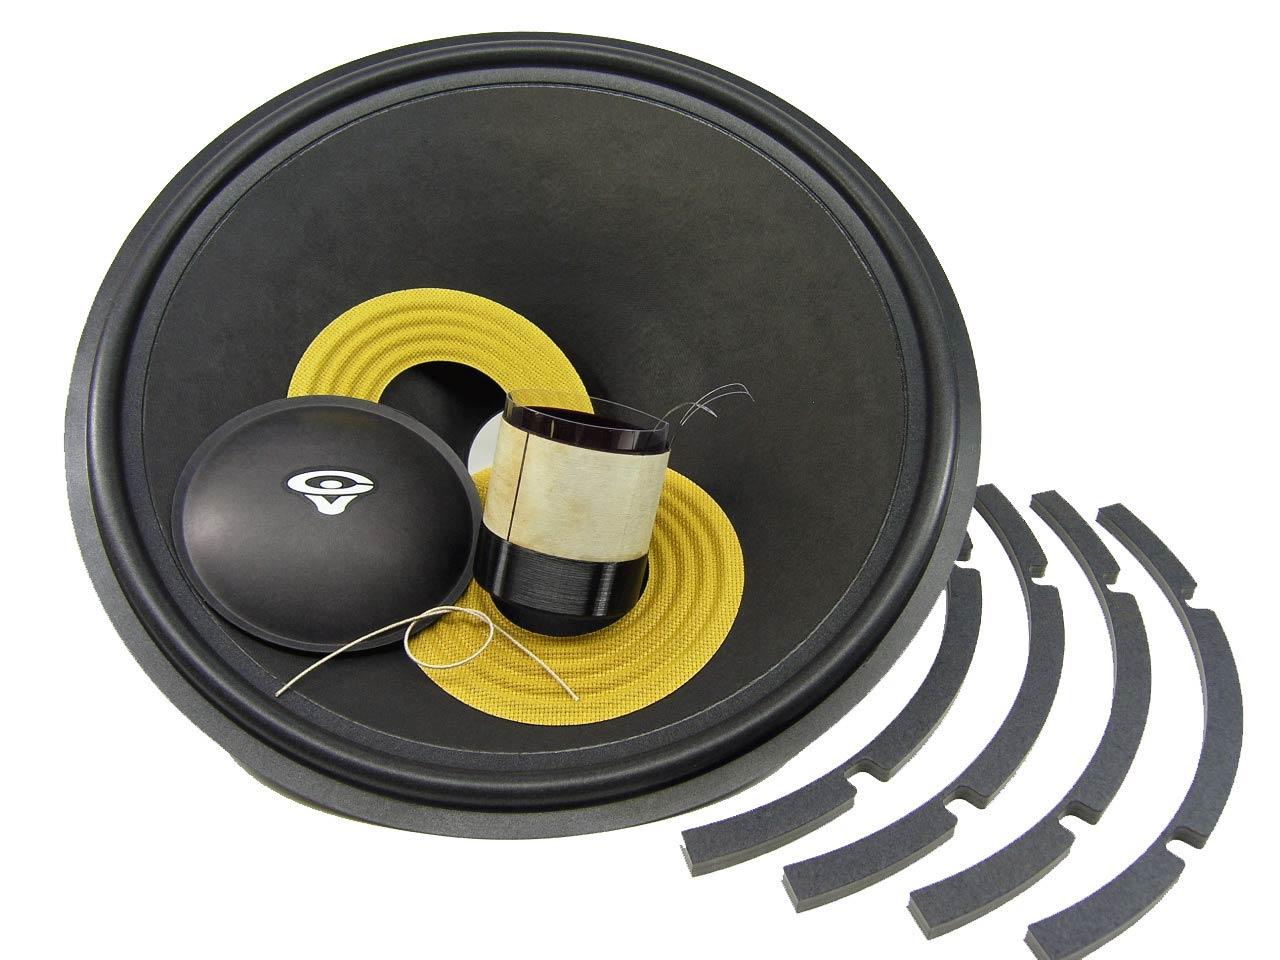 Cerwin Vega Speaker Recone Kit, FH18, RK-CVFH18